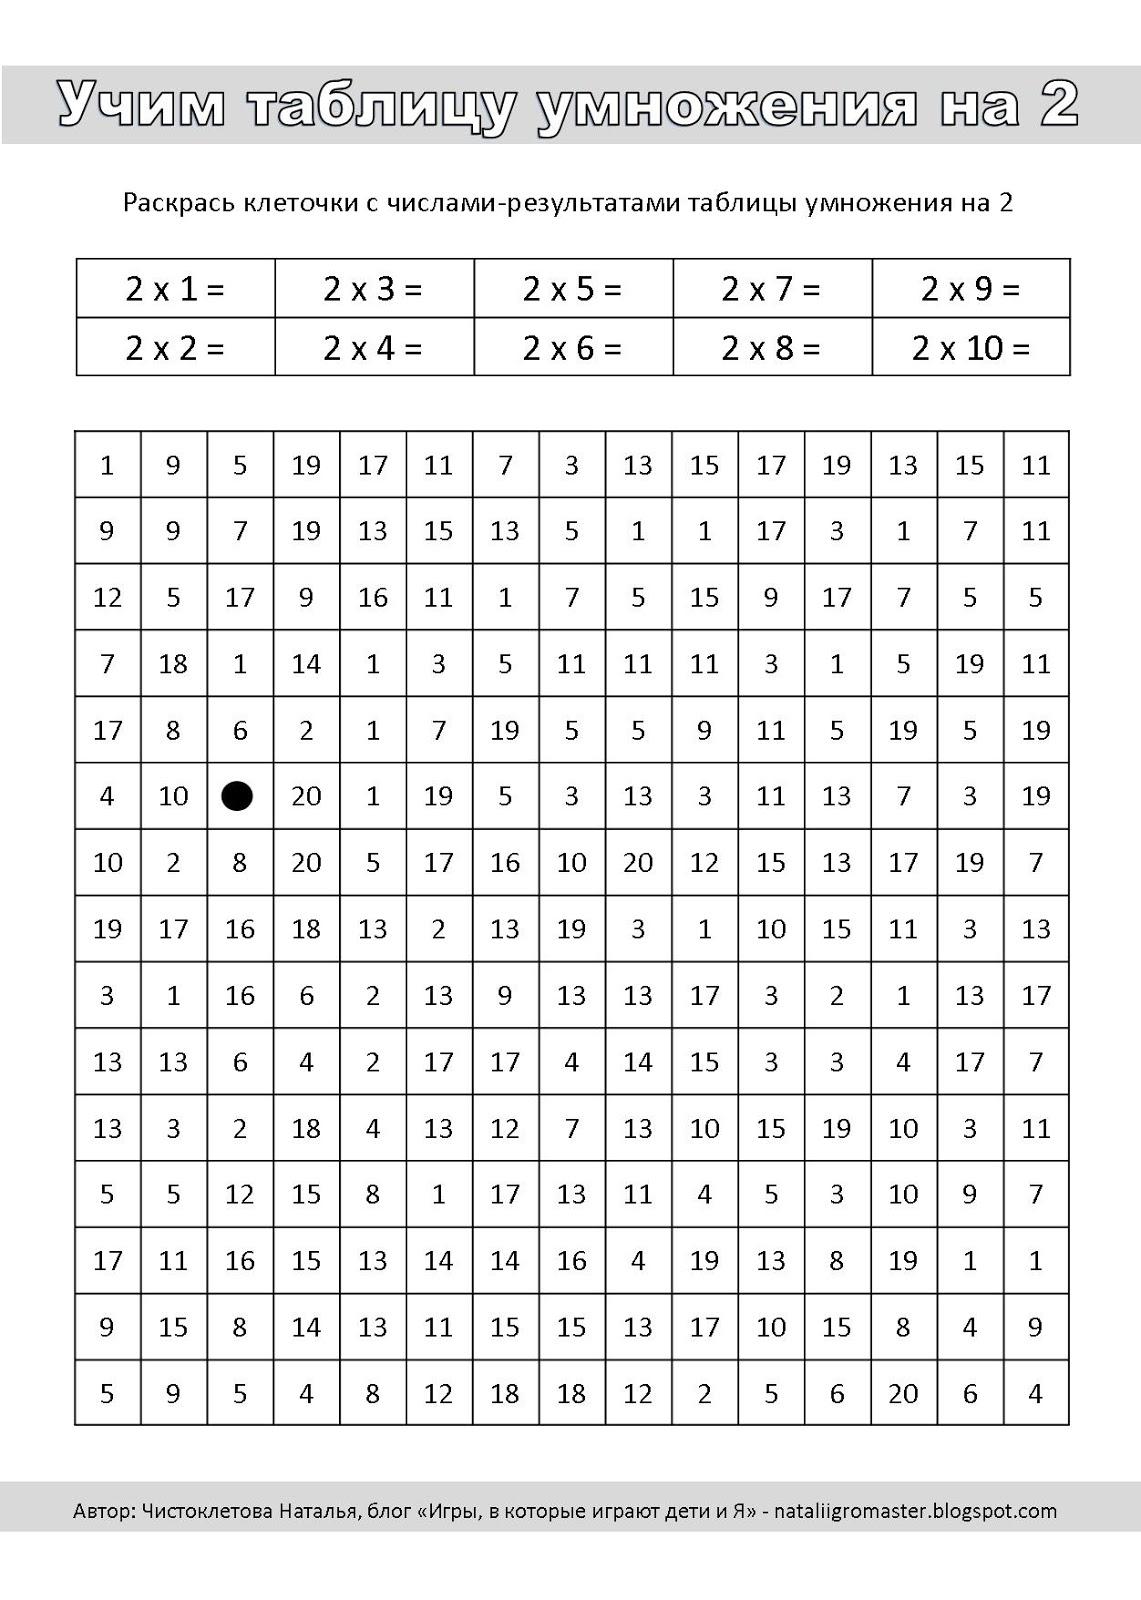 Раскраска с примерами на таблицу умножения